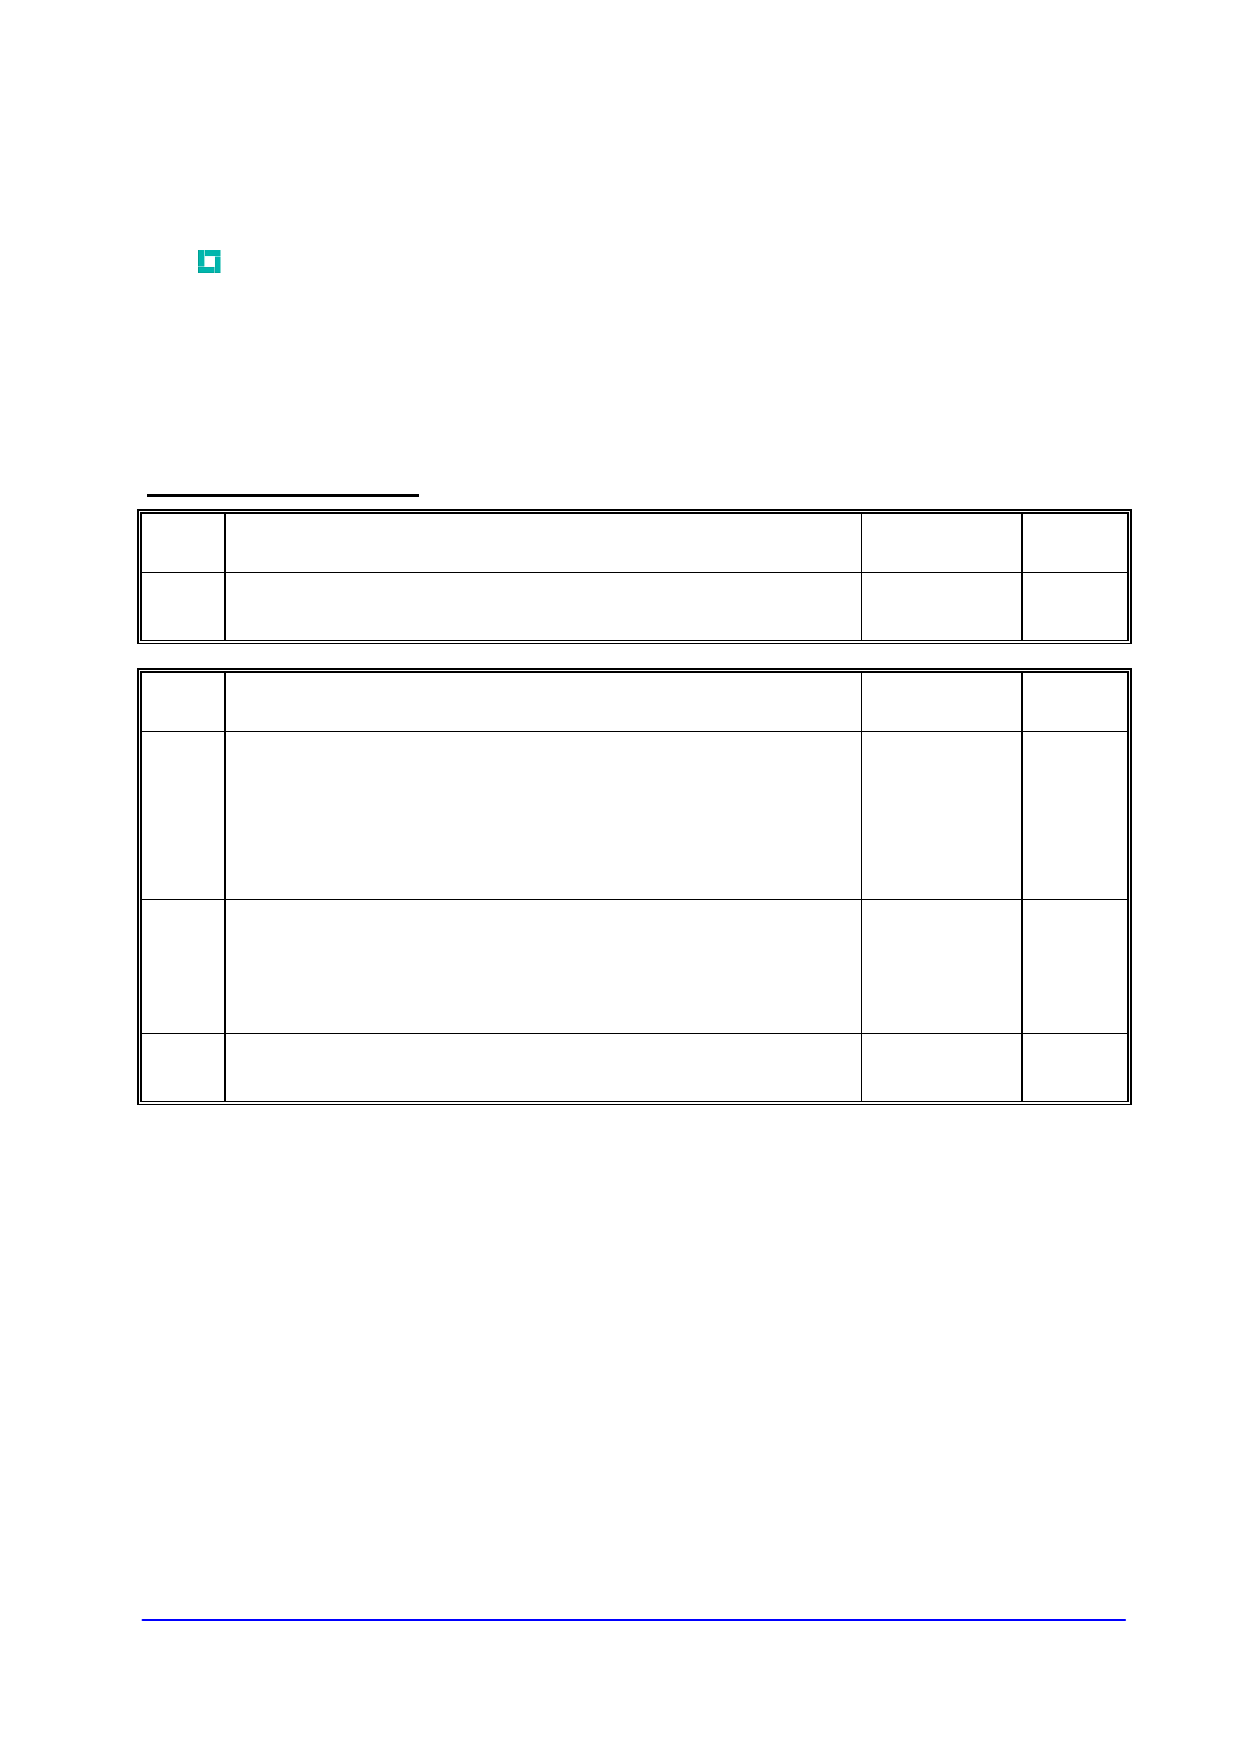 W4096ZY340 Datenblatt PDF